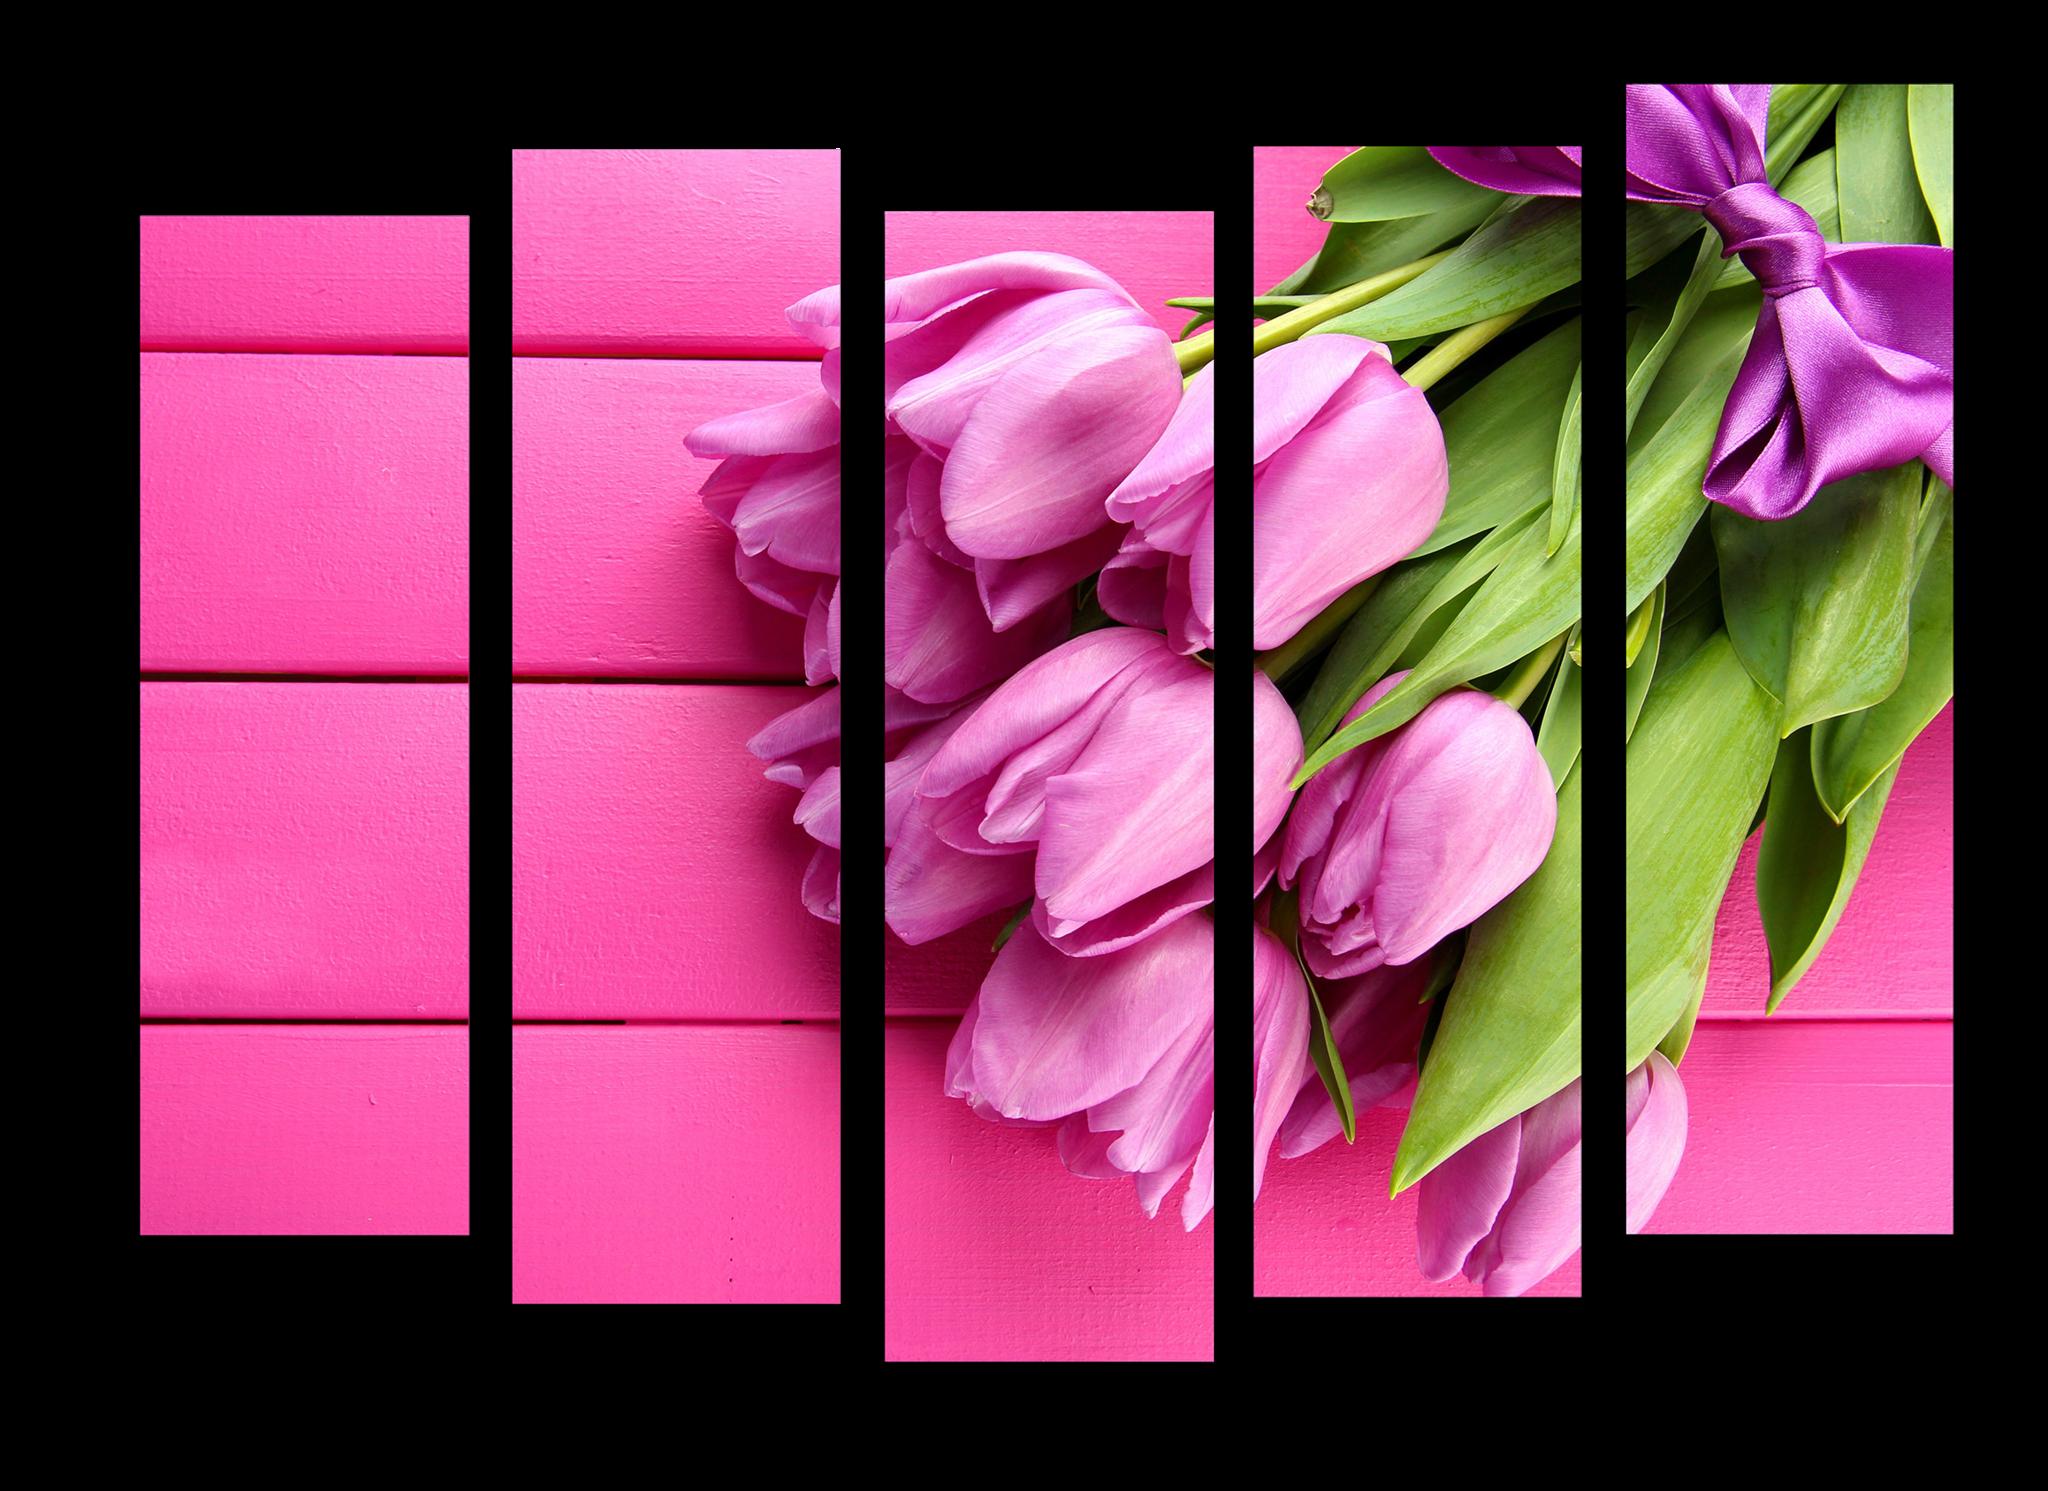 """Модульные картины Модульная картина """"Нежно-розовые тюльпаны"""" М1144.png"""